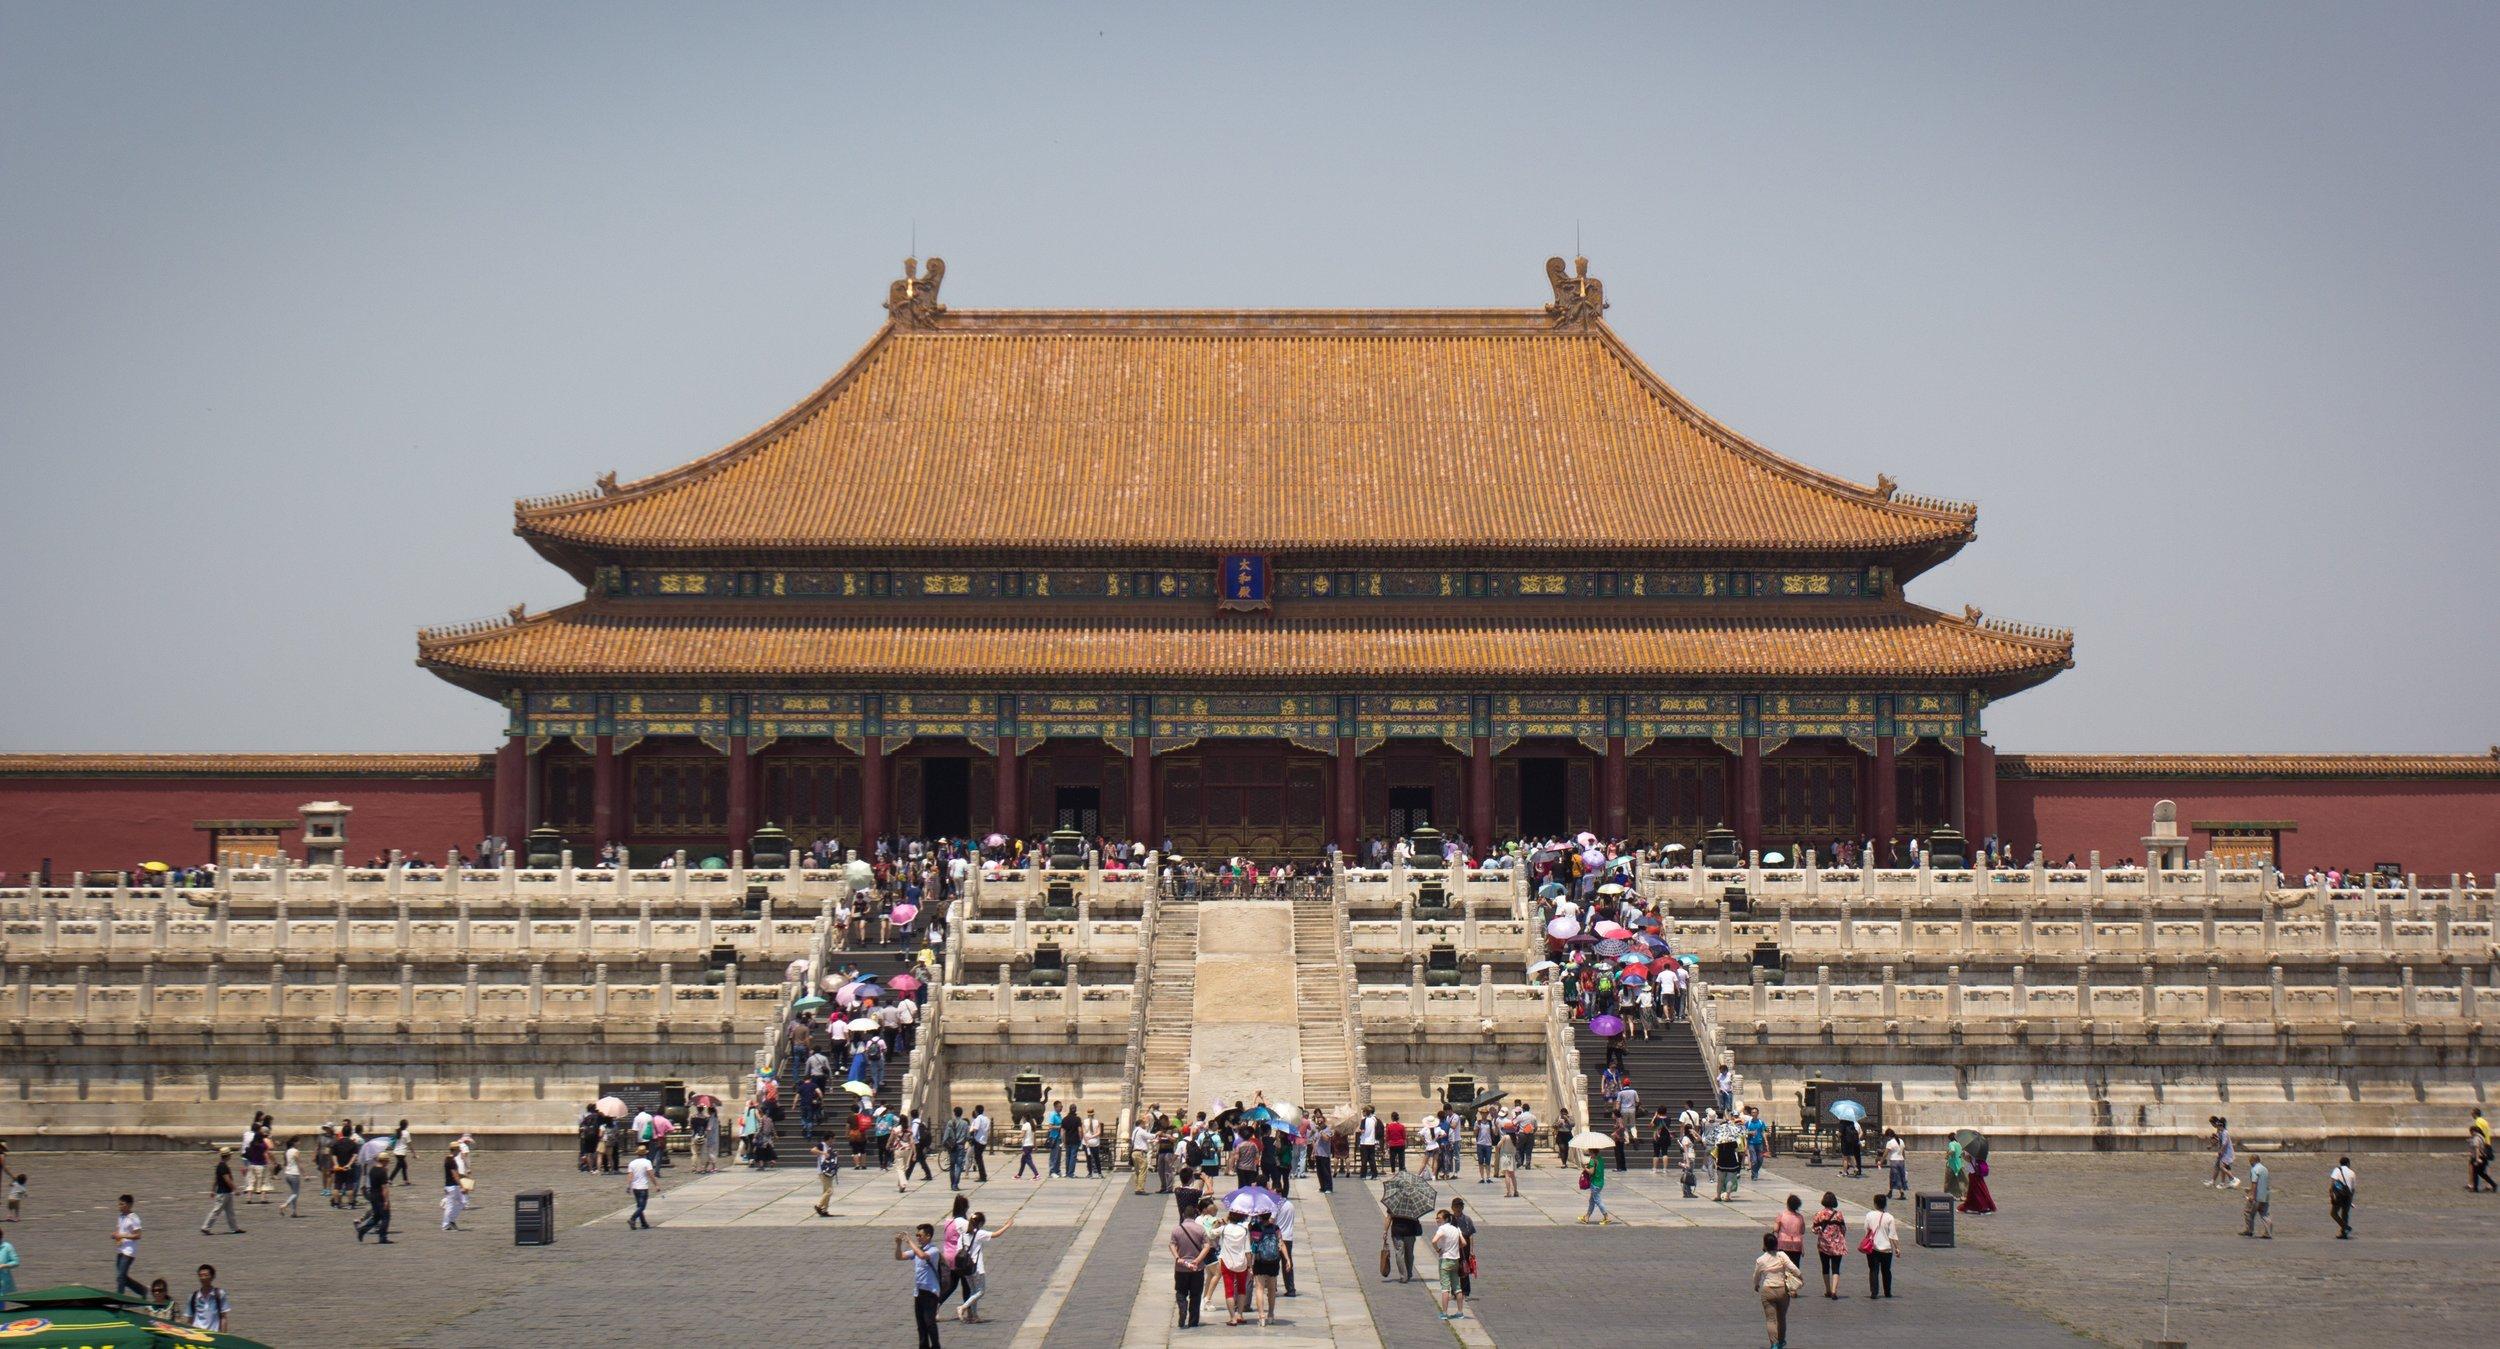 The Forbidden City by Tony Bertolino.